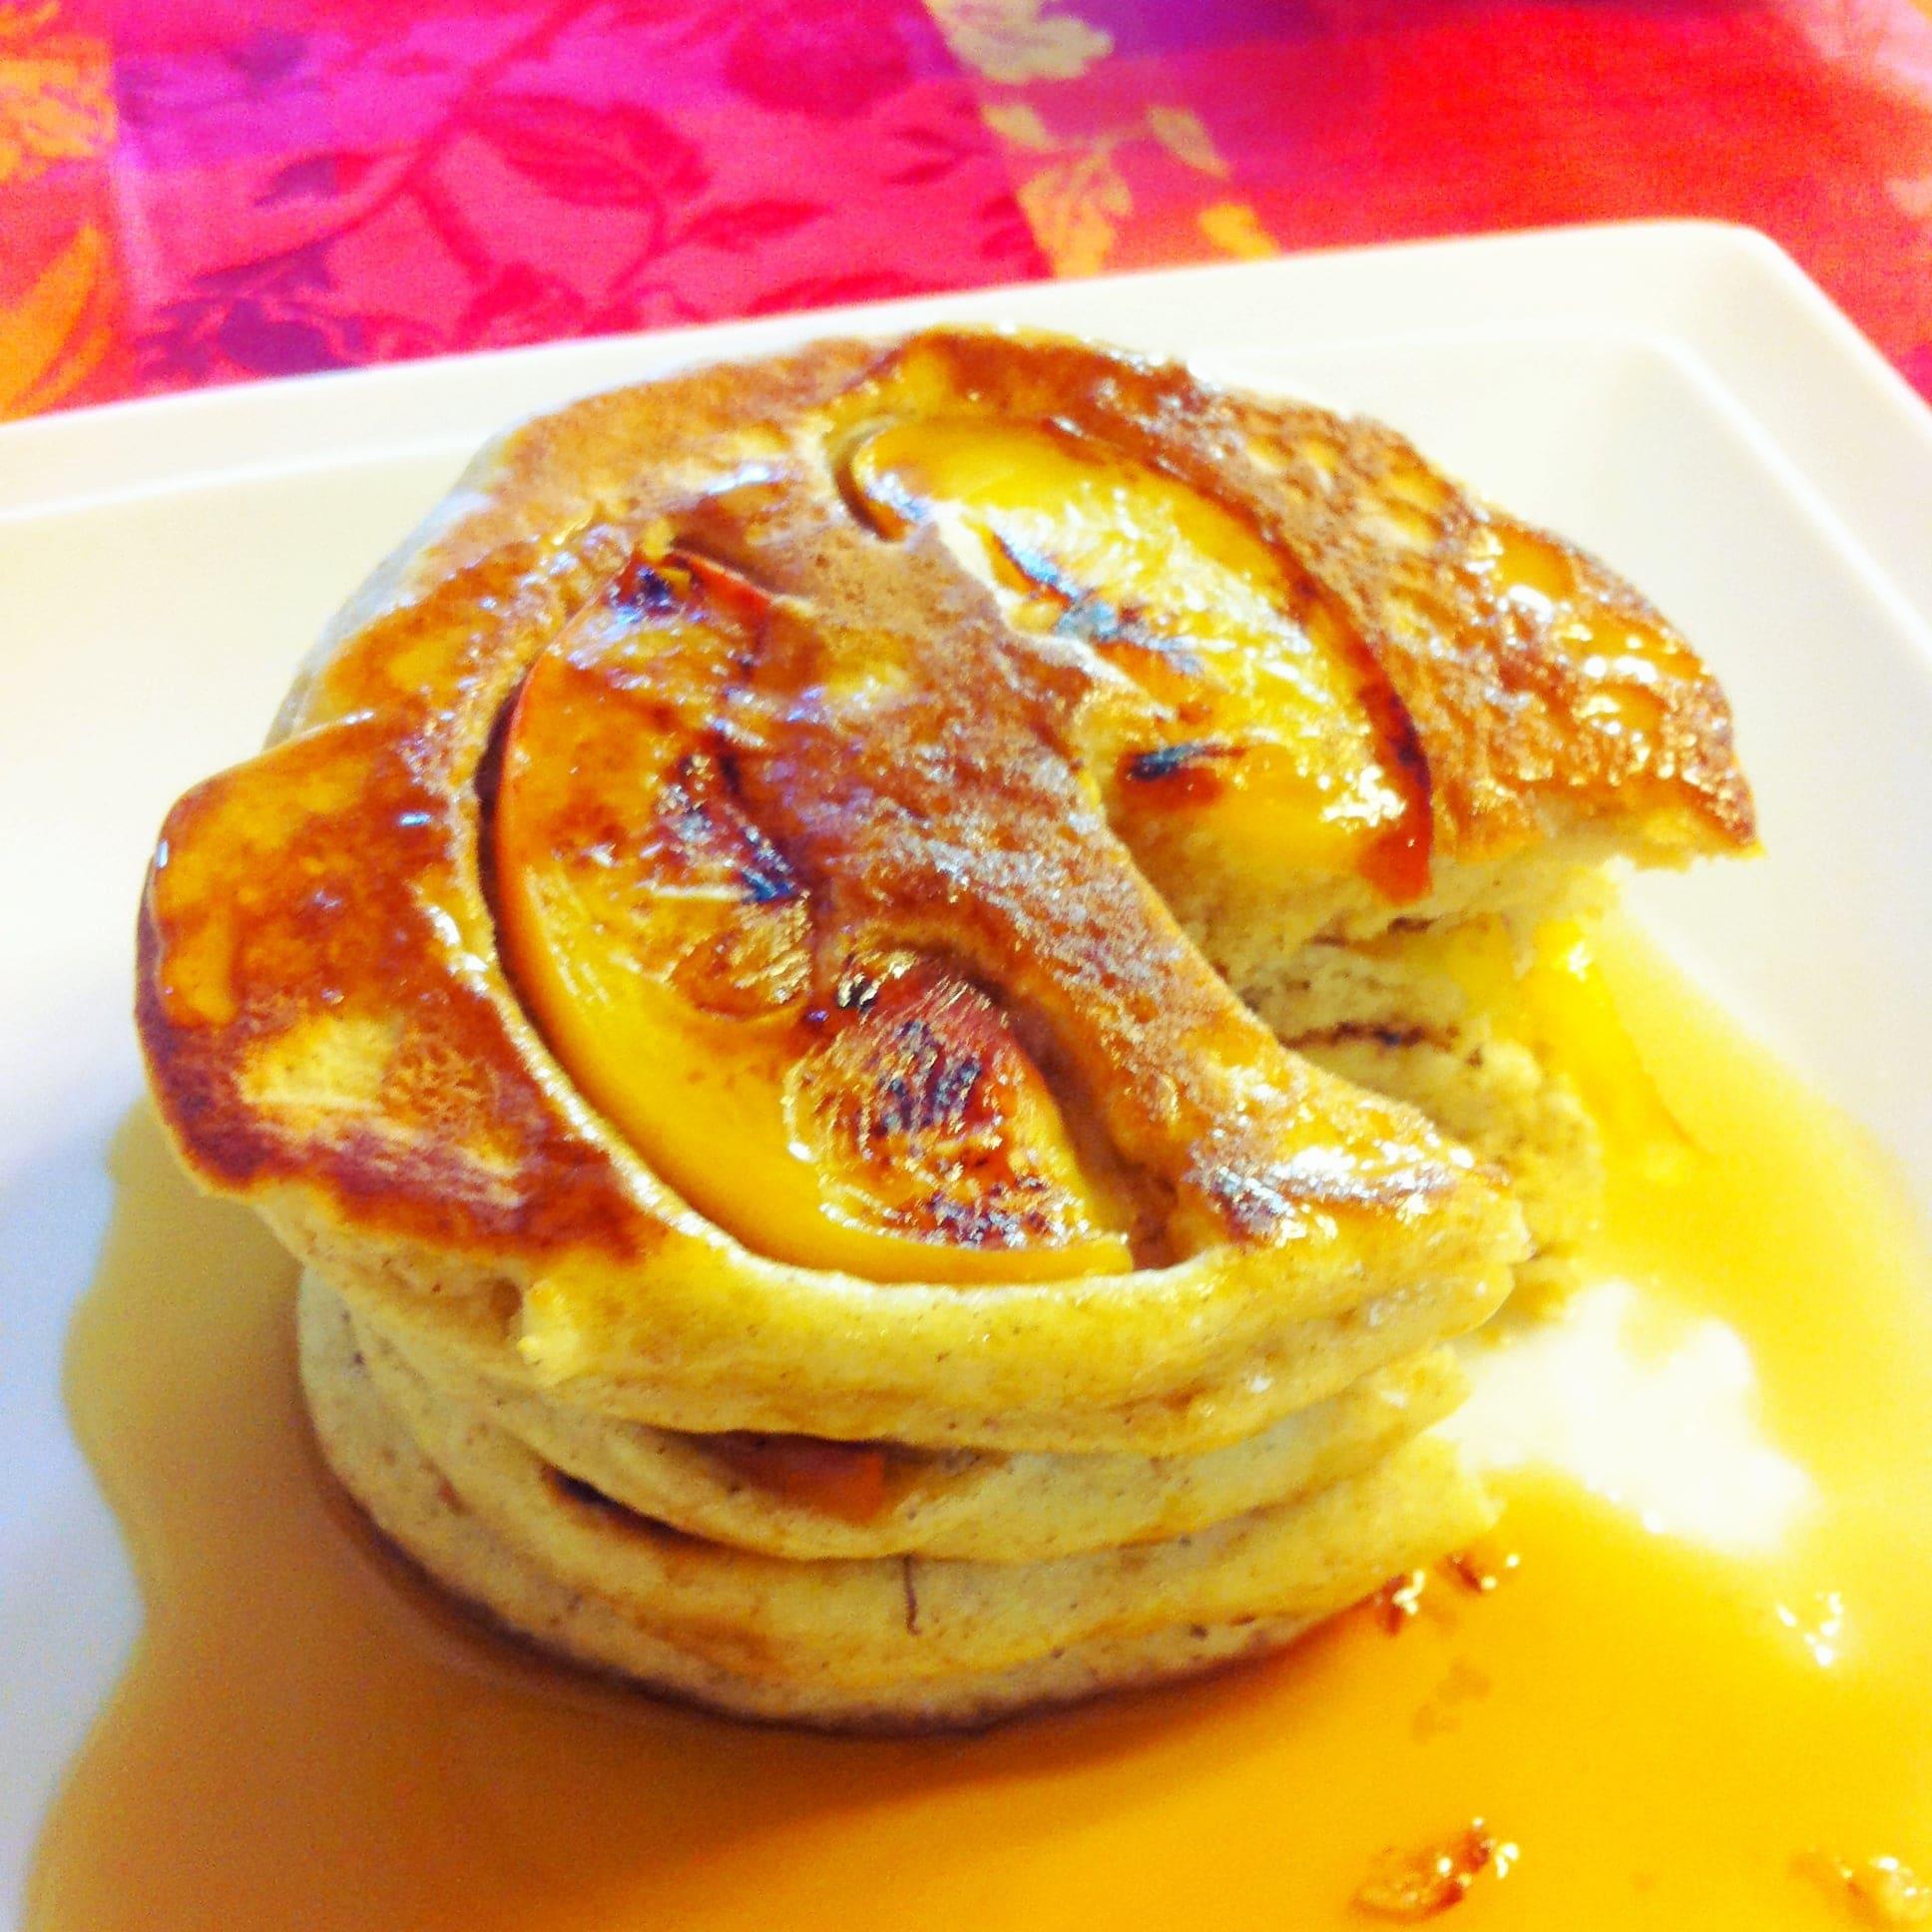 hotcakes de durazno_kiwiblog